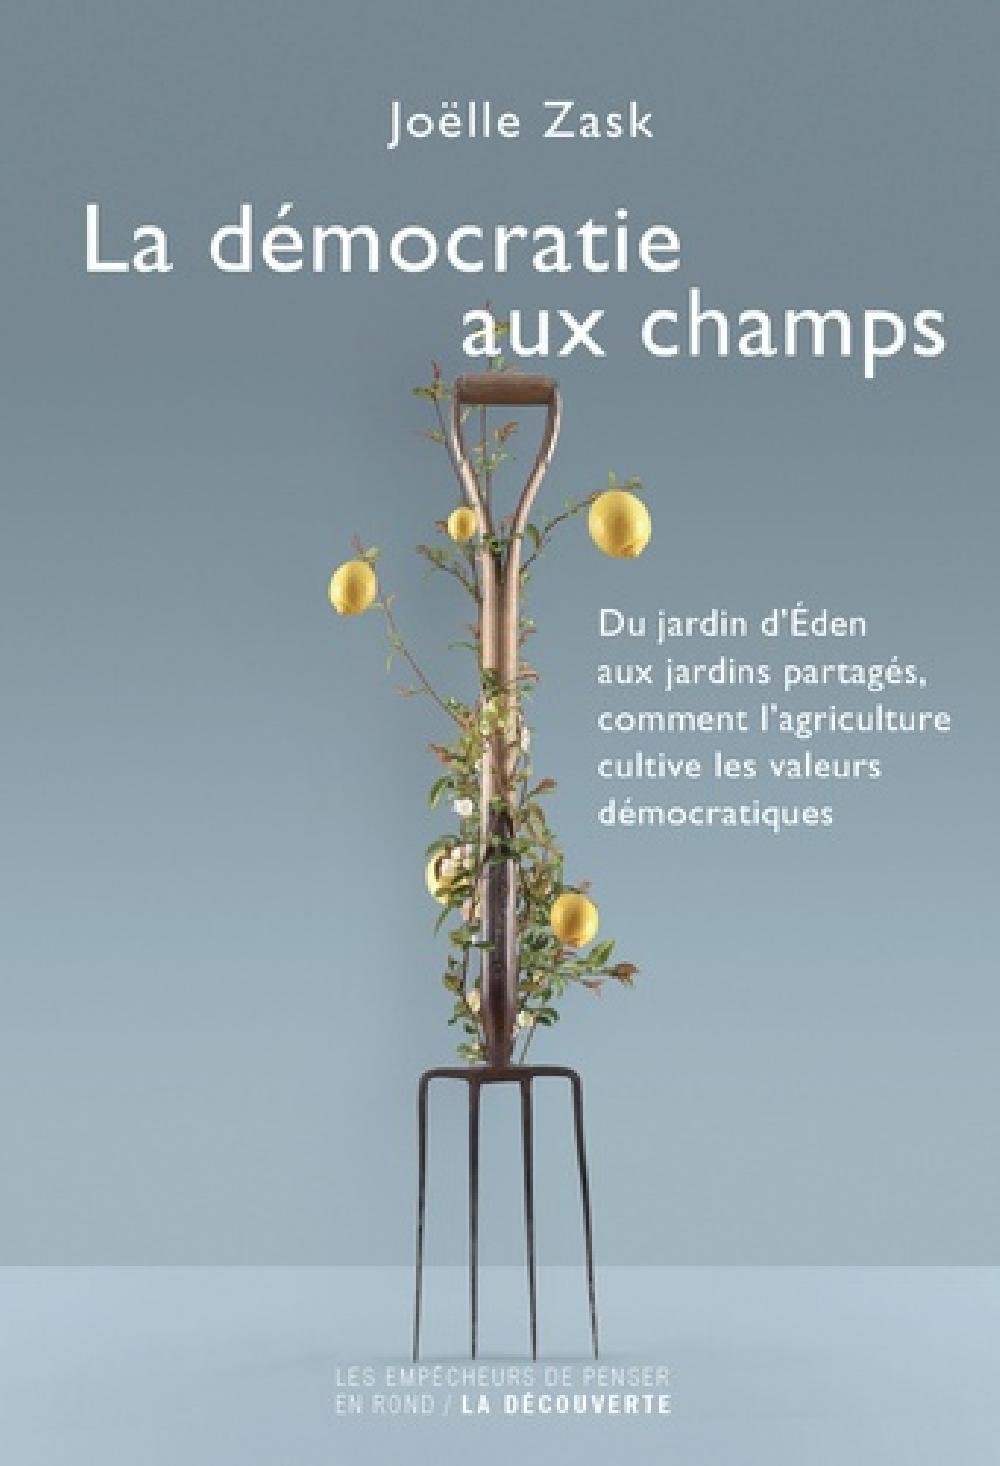 La démocratie aux champs - Du jardin d'Eden aux jardins partagés, comment l'agriculture cultive les